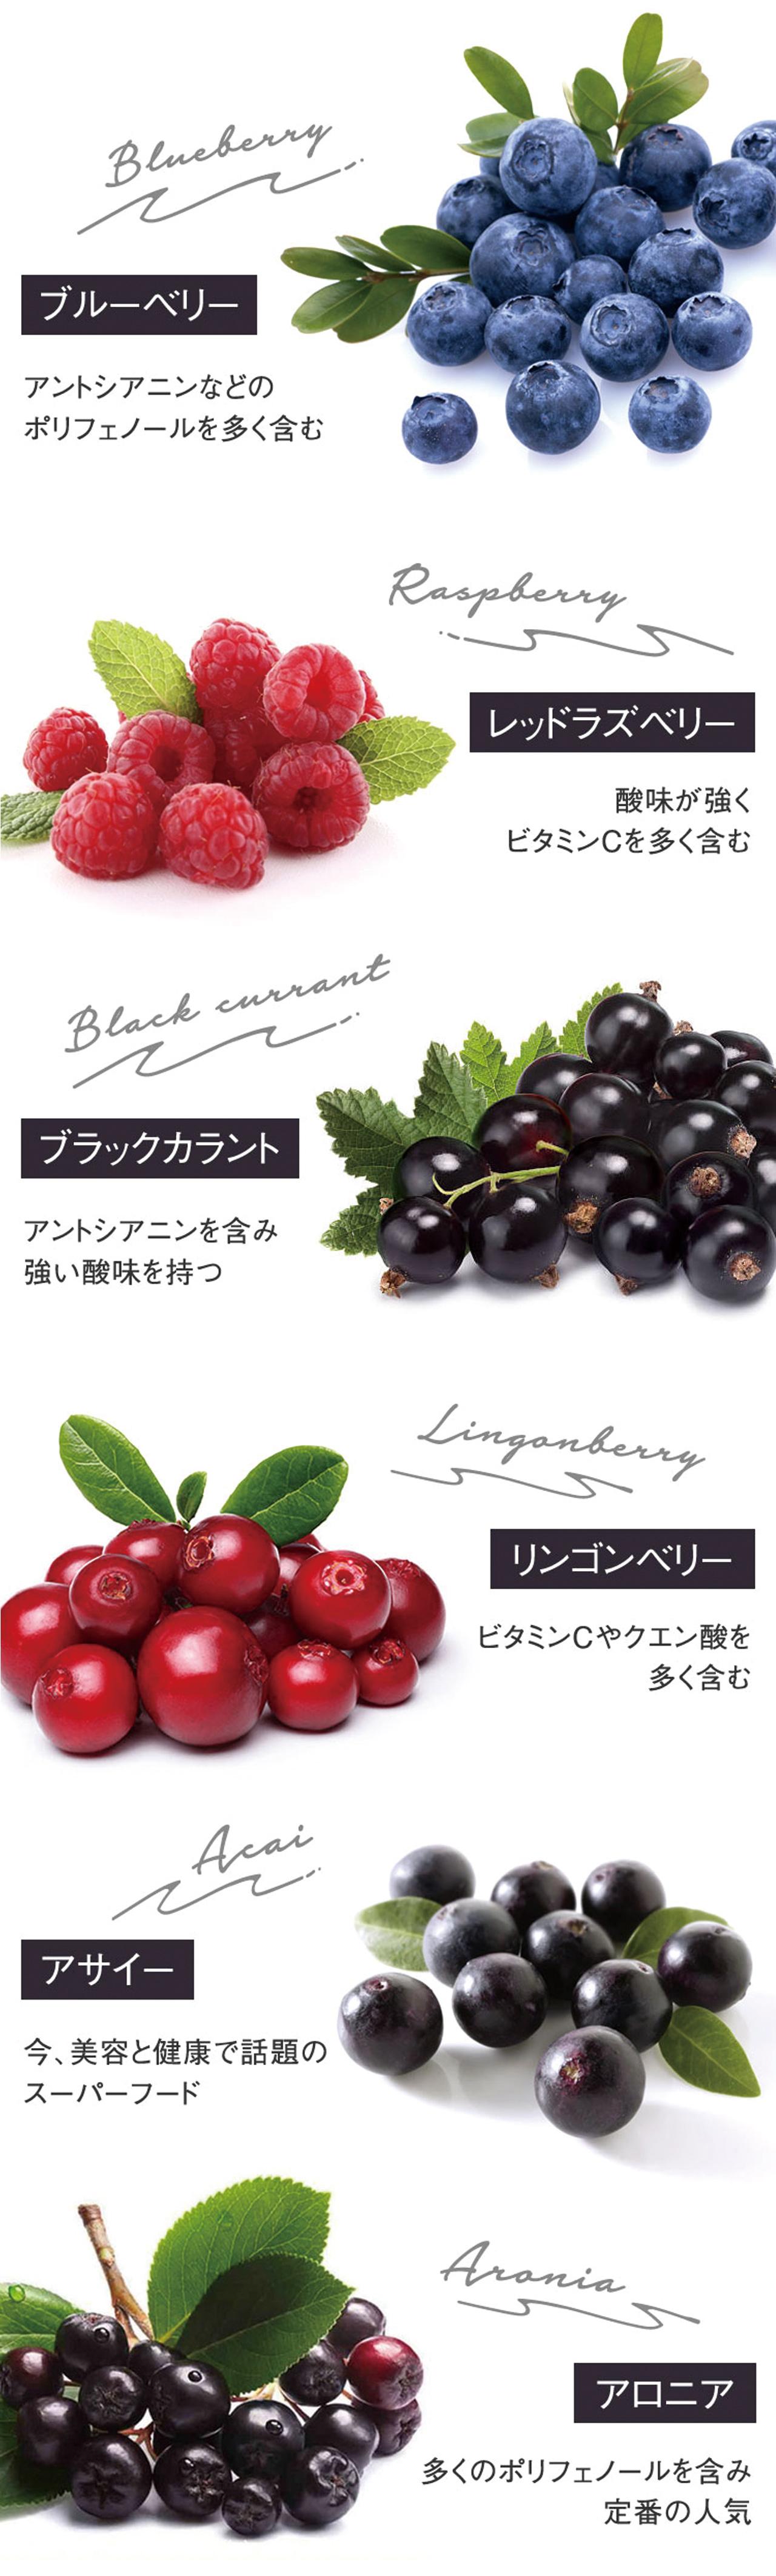 ブルーベリー、レッドラズベリー、ブラックラカント、リンゴンベリー、アサイー、アロニアの人気6種ベリー果実をブレンドしたキレイ・デ・コラーゲン